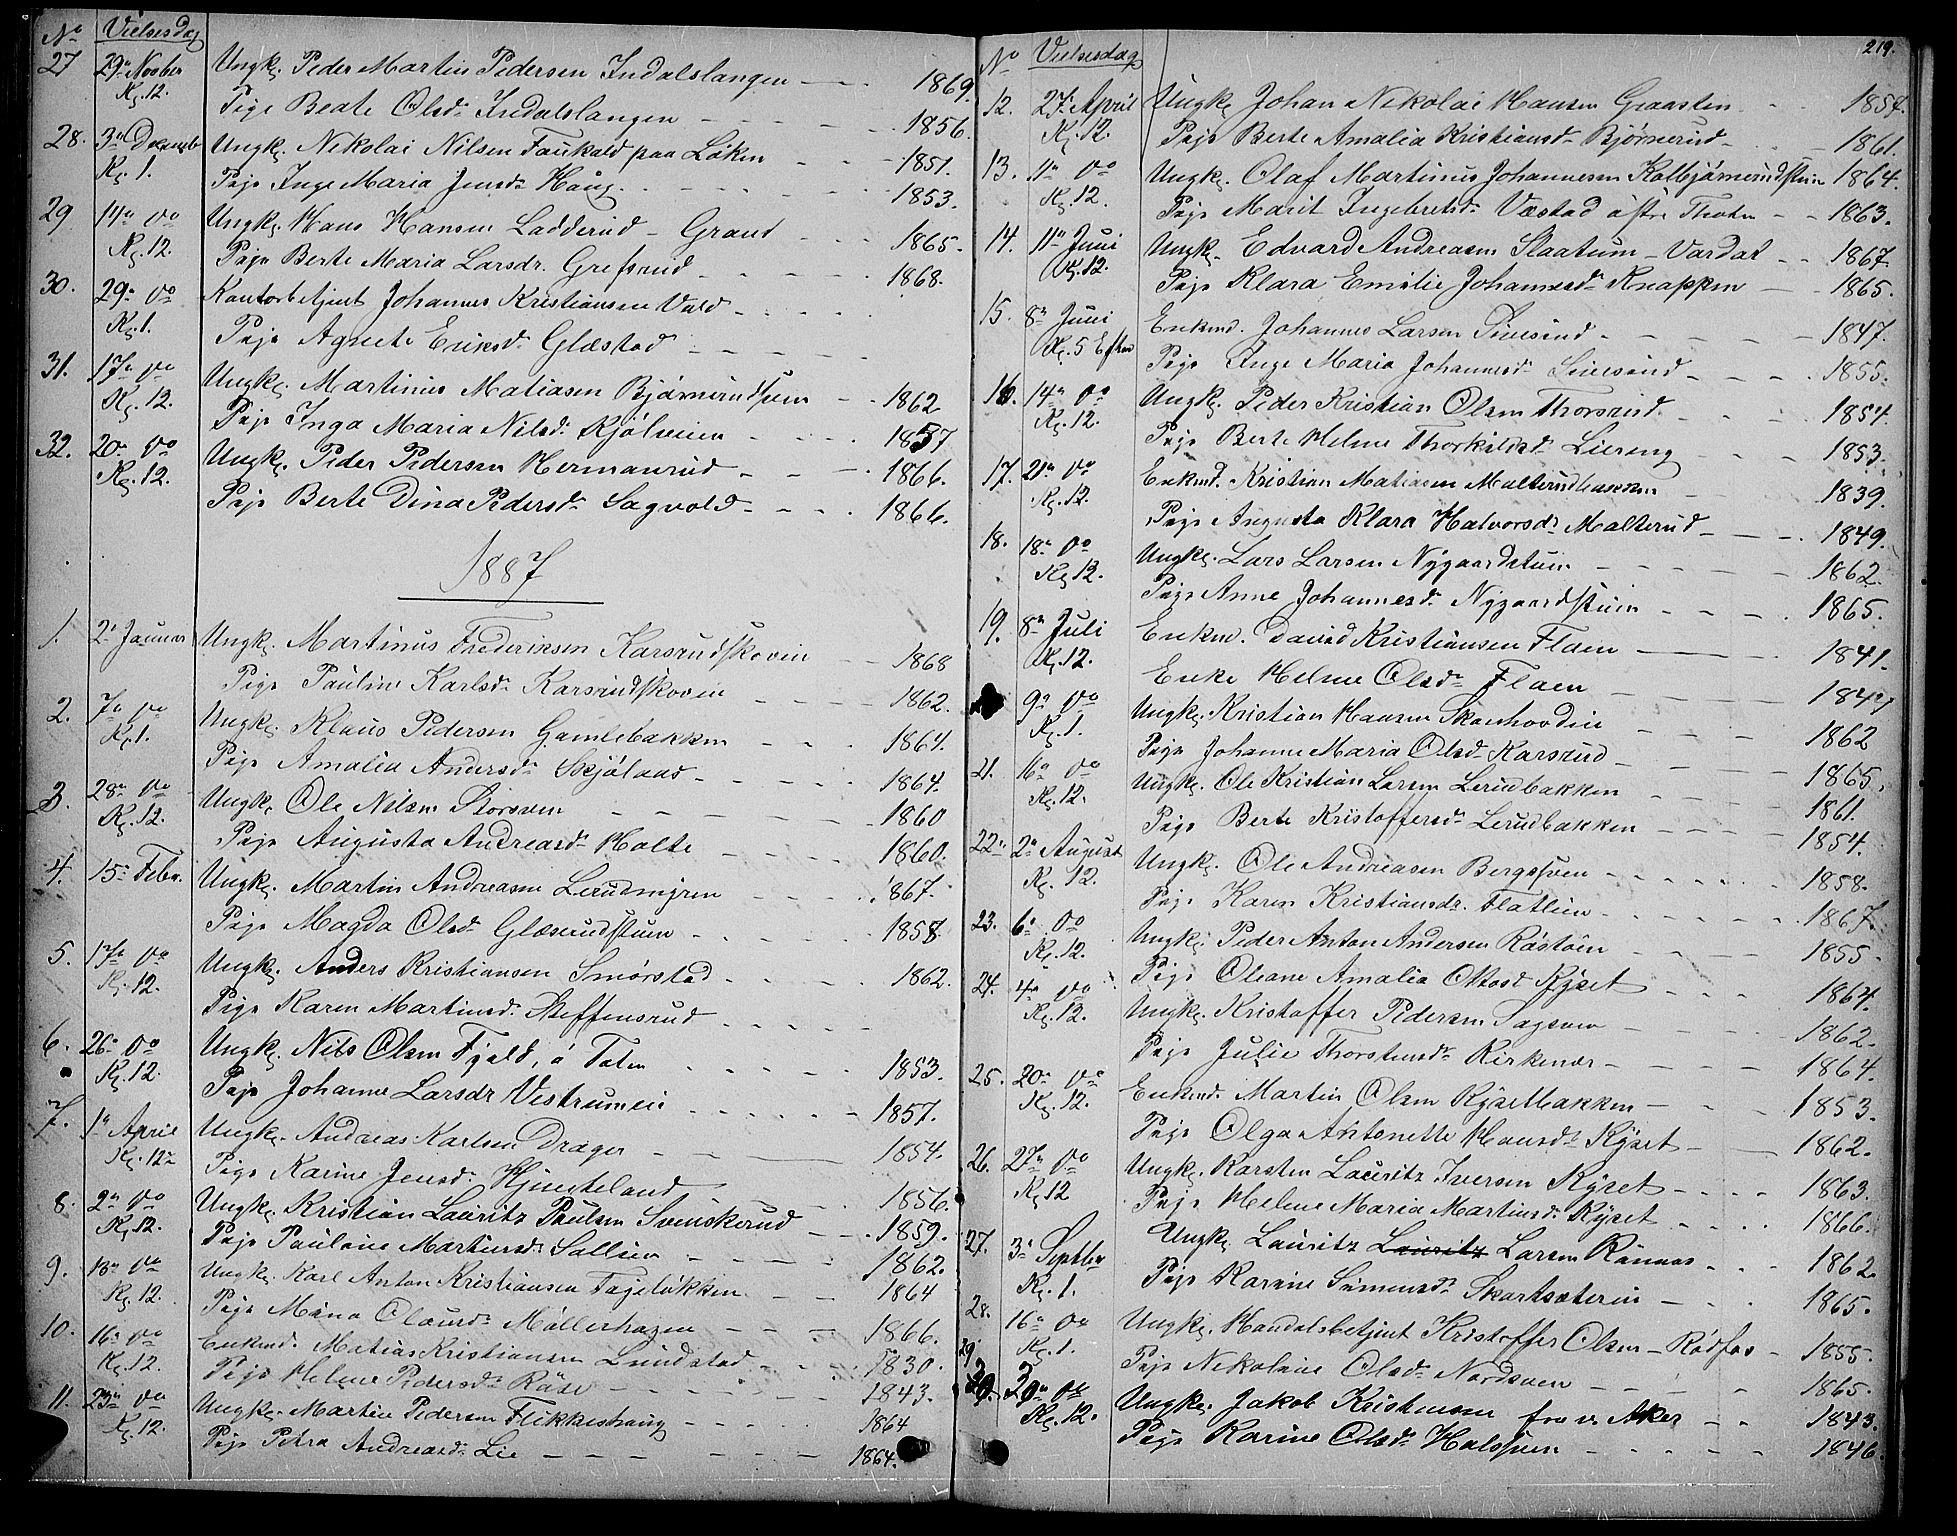 SAH, Vestre Toten prestekontor, H/Ha/Hab/L0006: Klokkerbok nr. 6, 1870-1887, s. 219